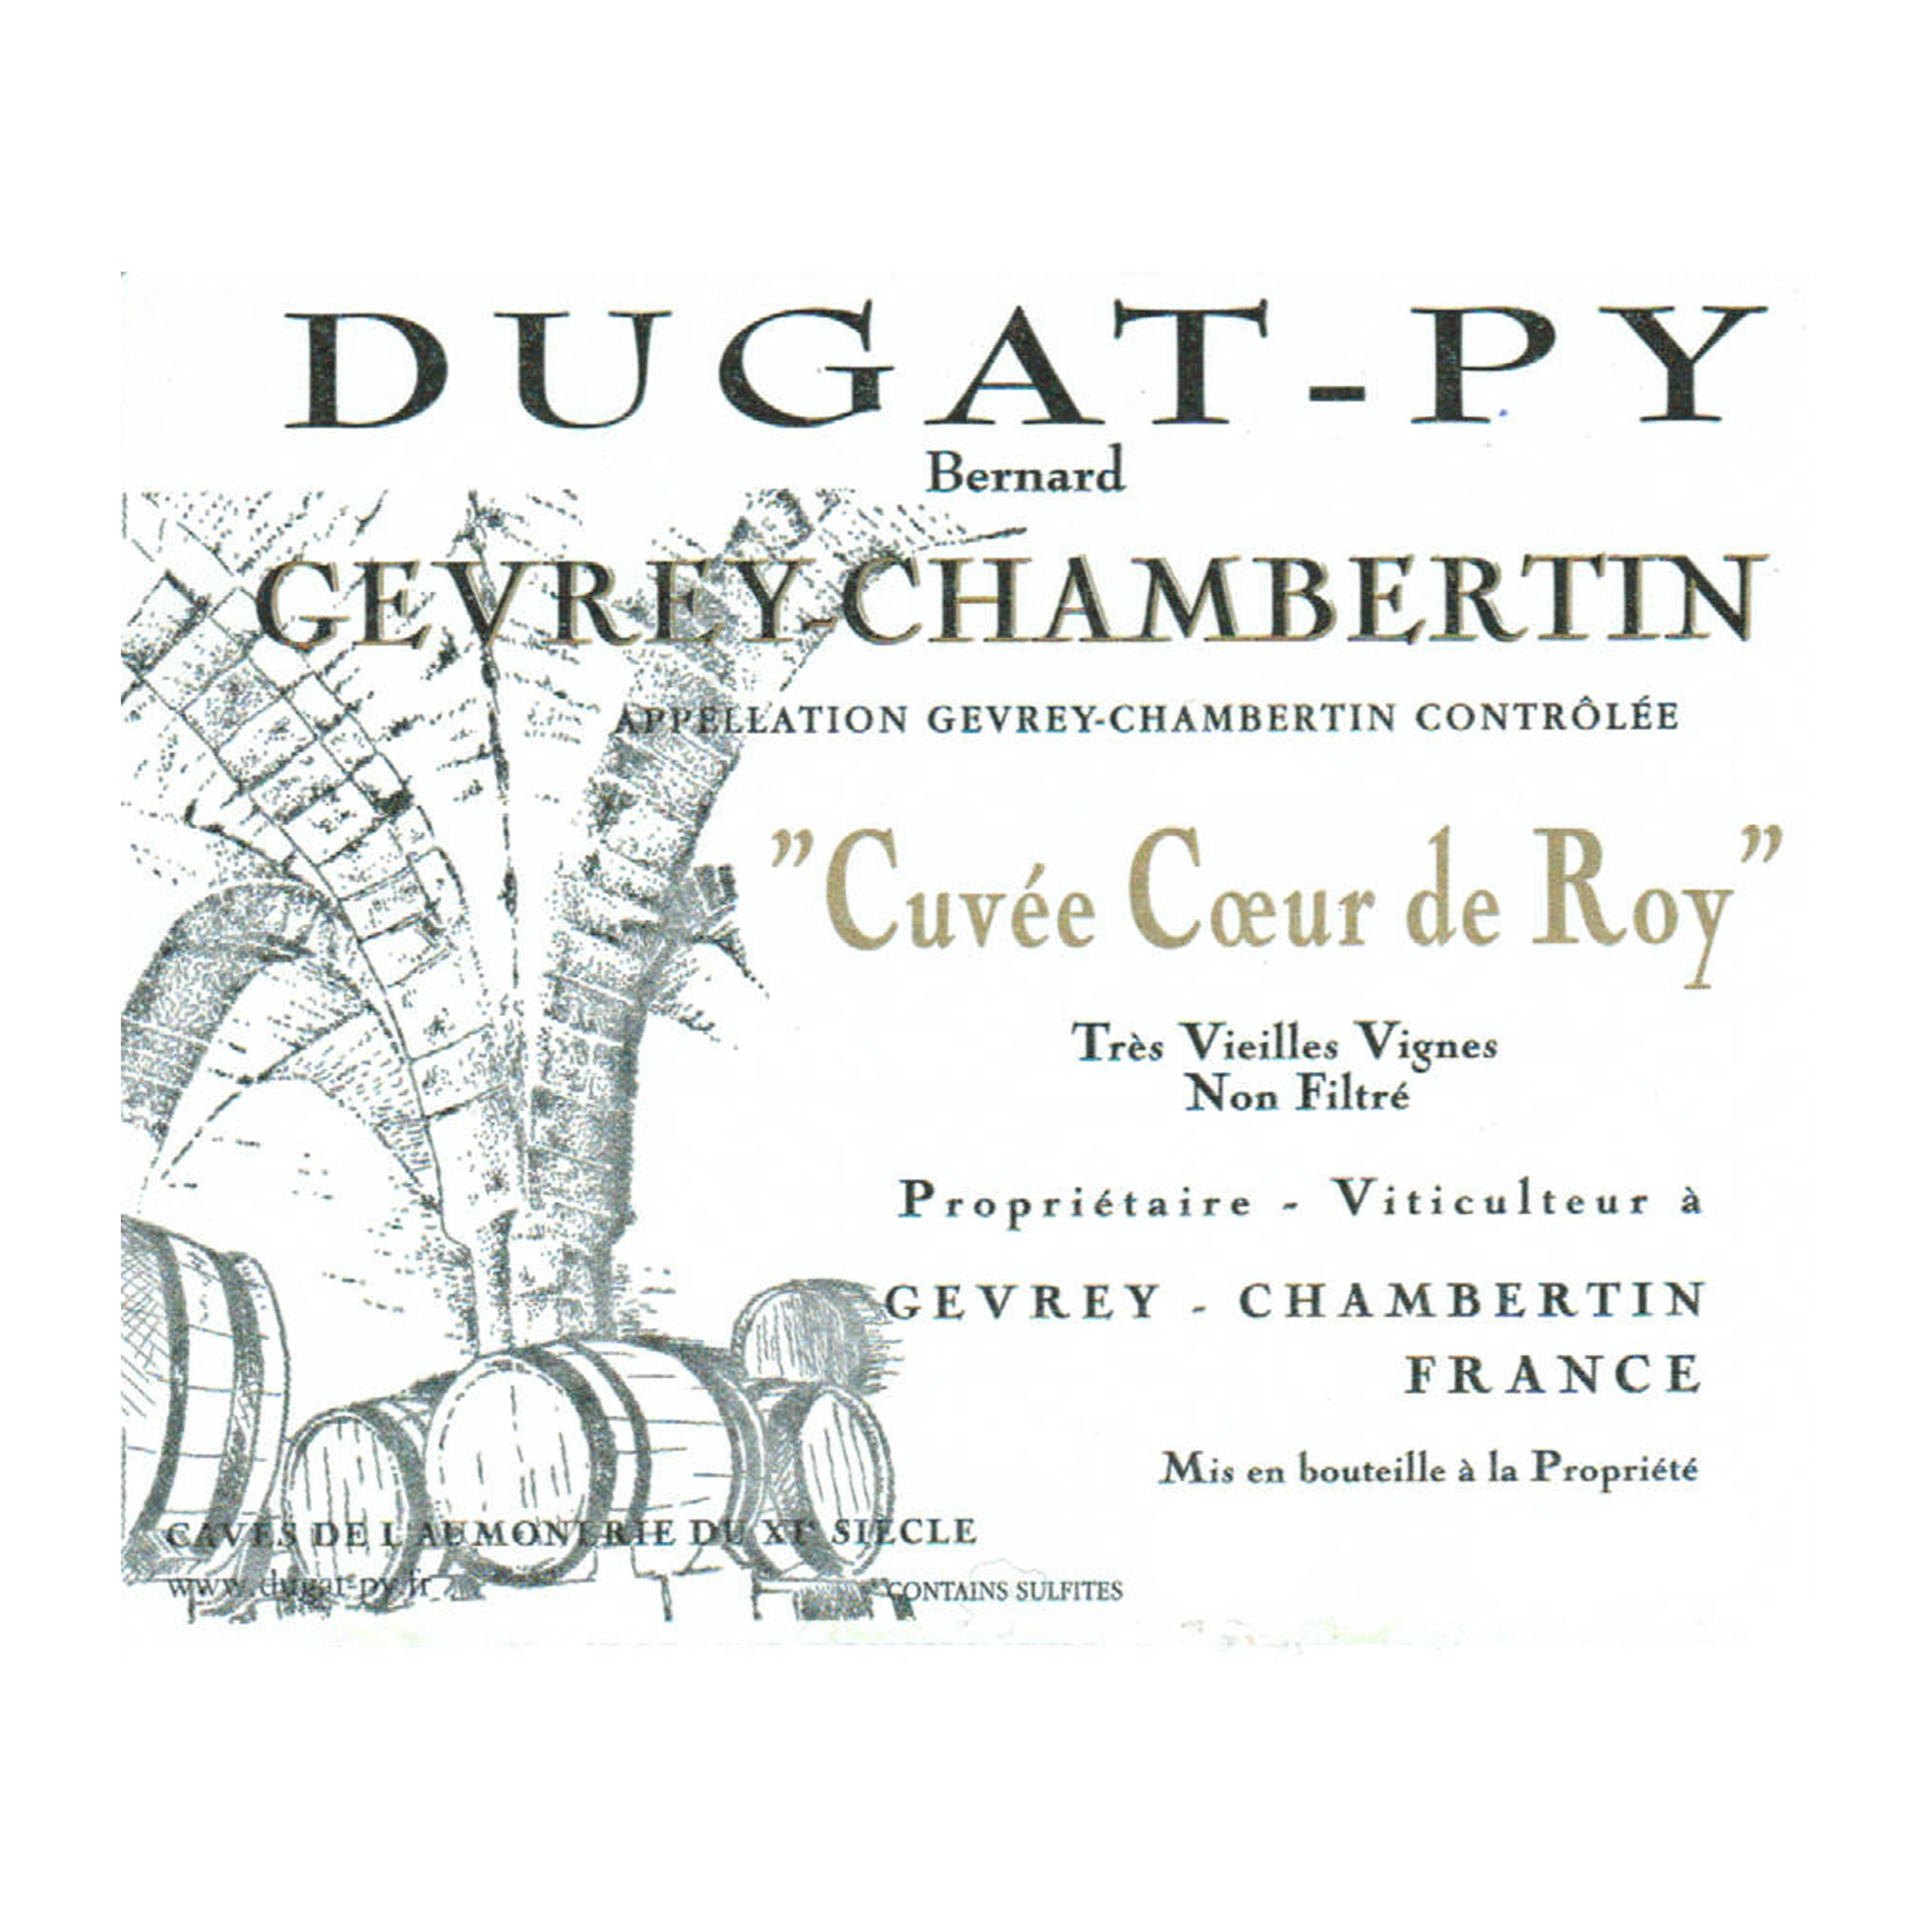 Bernard Dugat-Py Gevrey-Chambertin Cuvee Coeur de Roy 2019 (6x75cl)